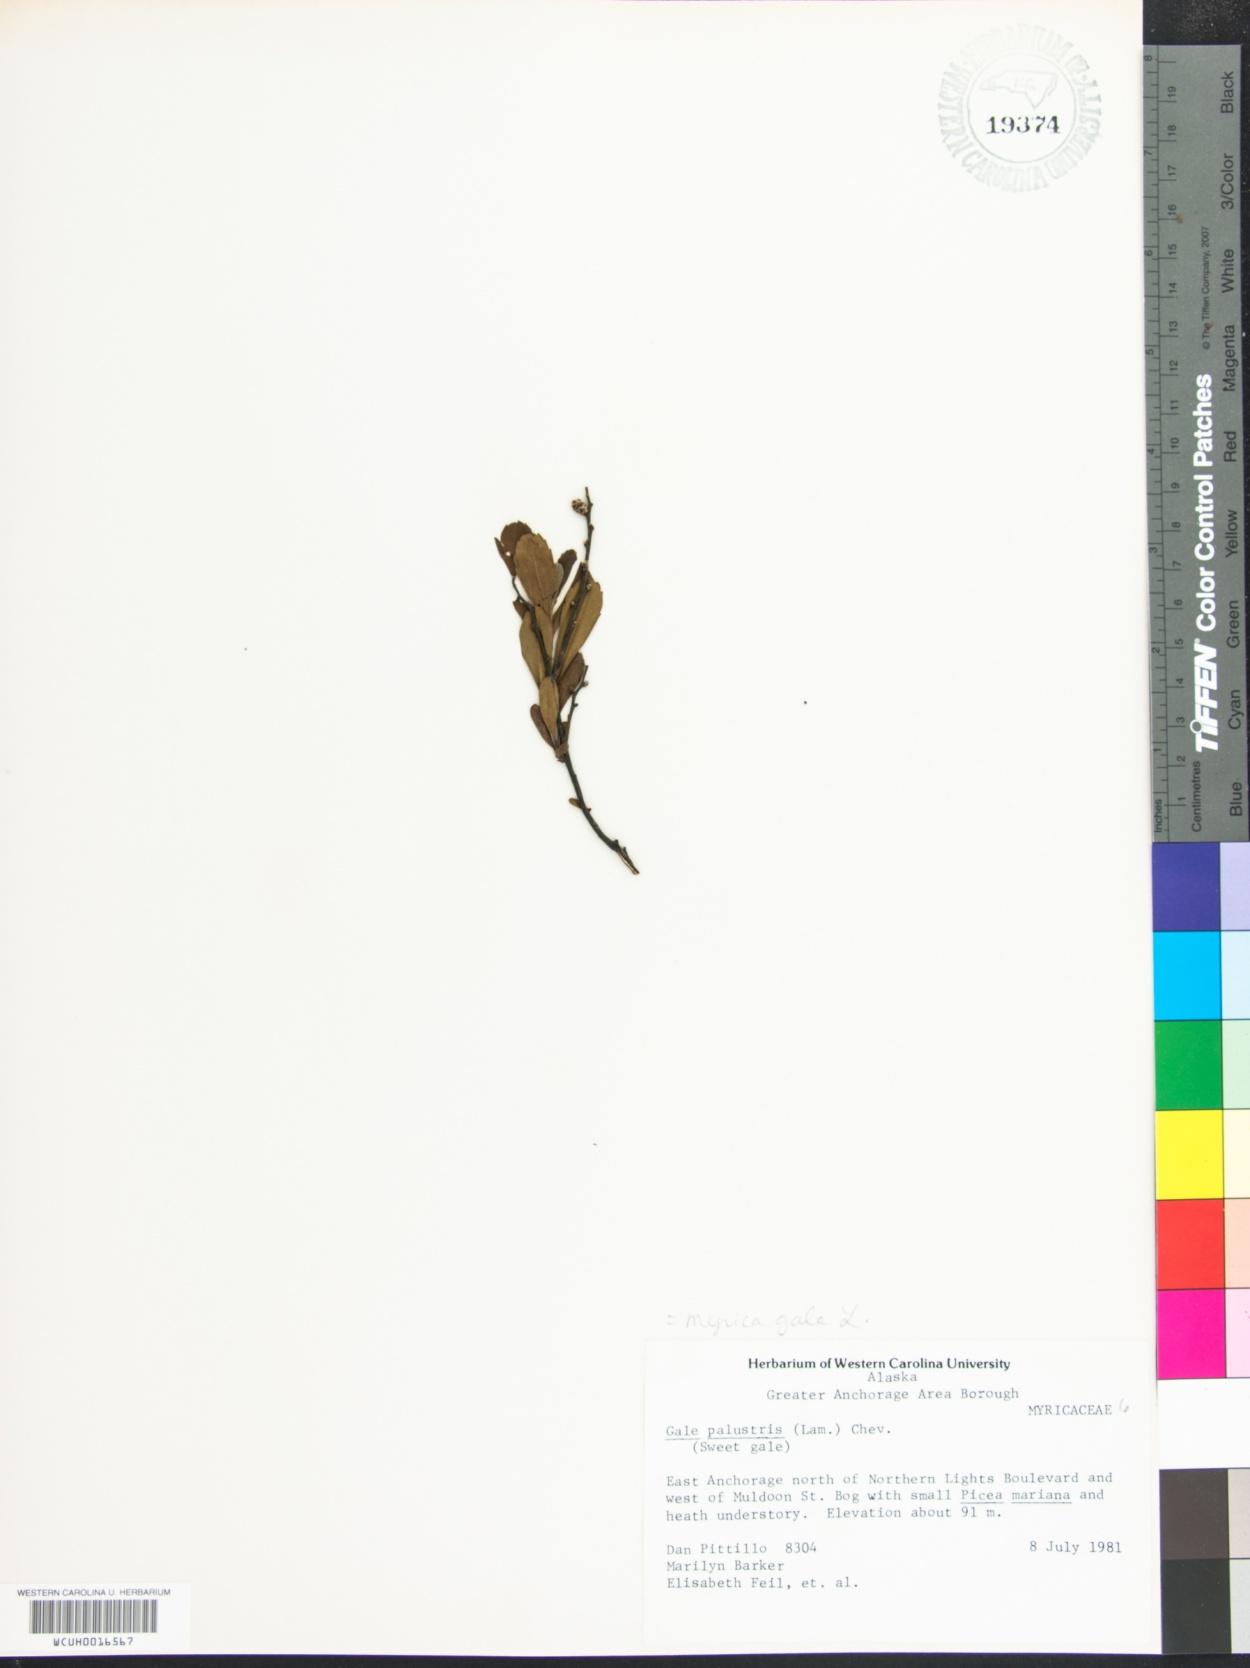 Gale palustris image